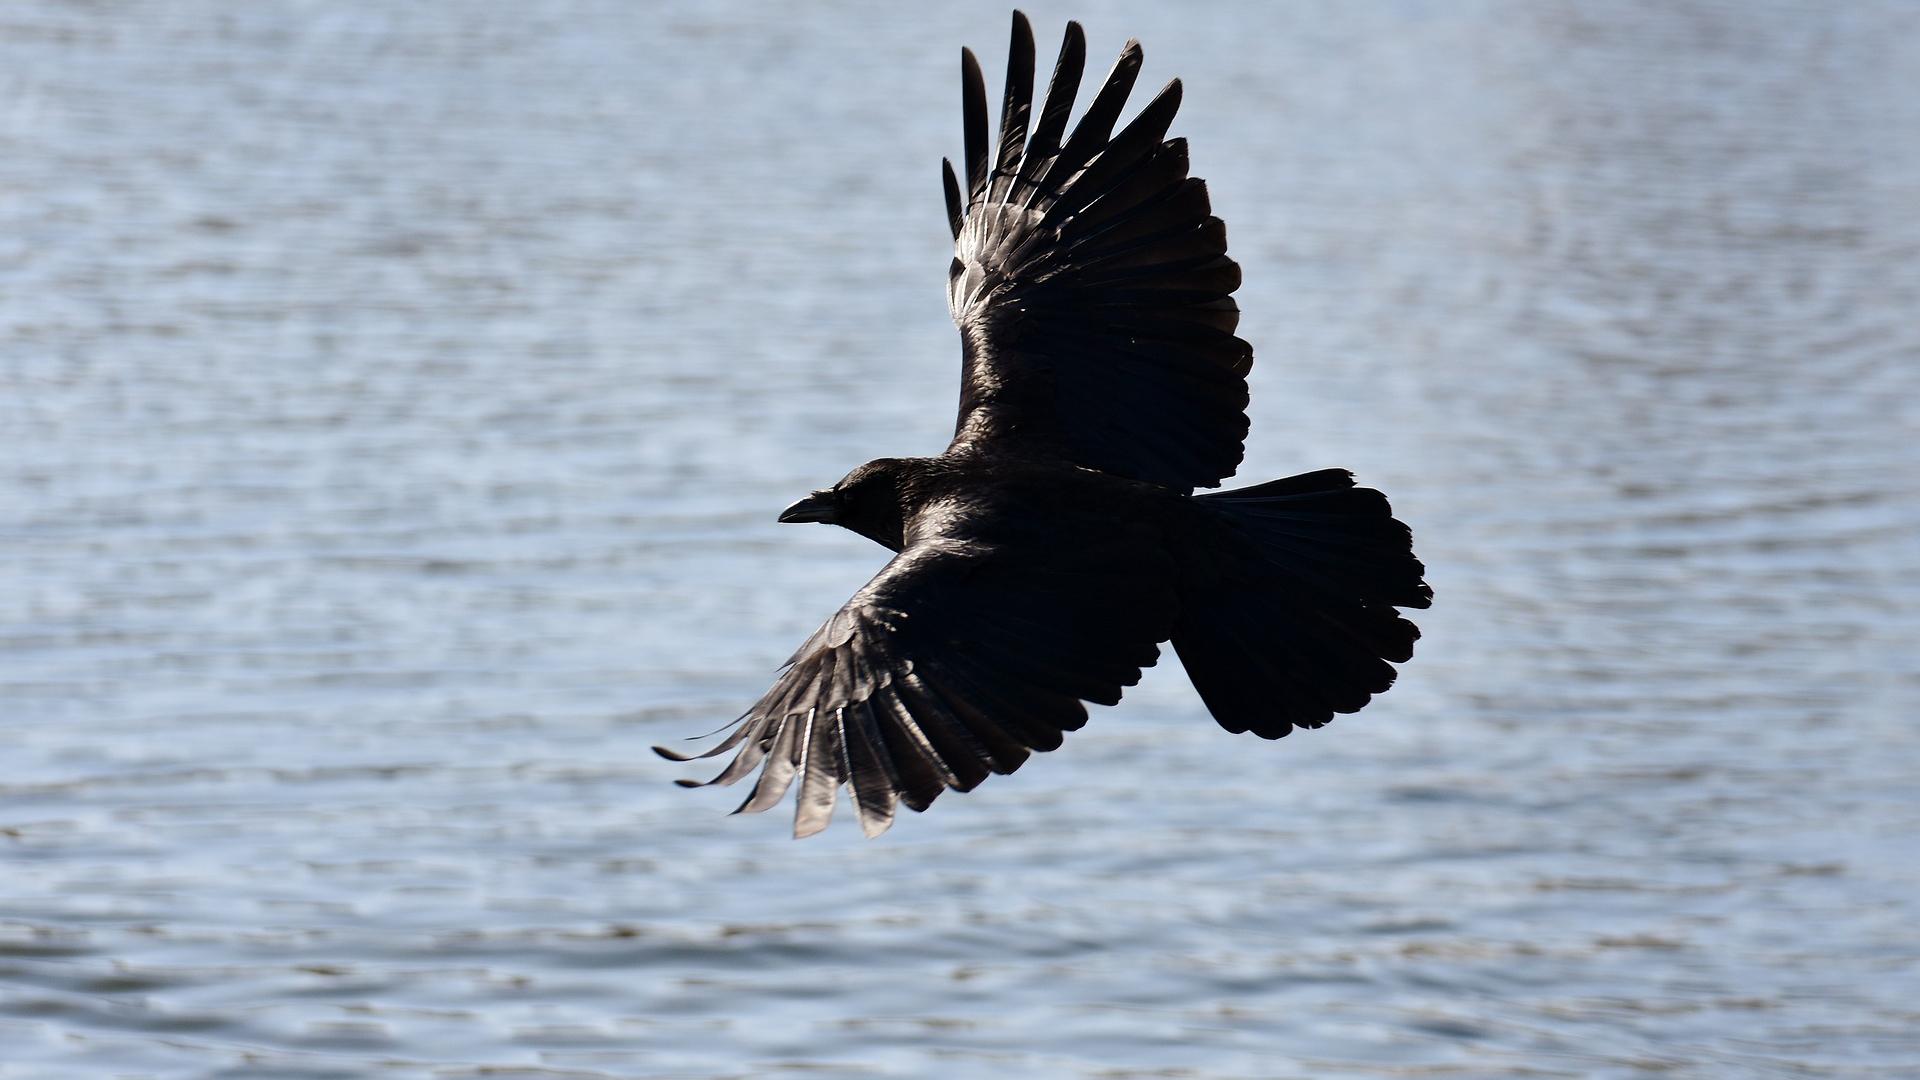 К примеру, в мифологическом соннике ворона описывается как олицетворение женщины с дурным глазом и, если спящему привиделось, что его кл.